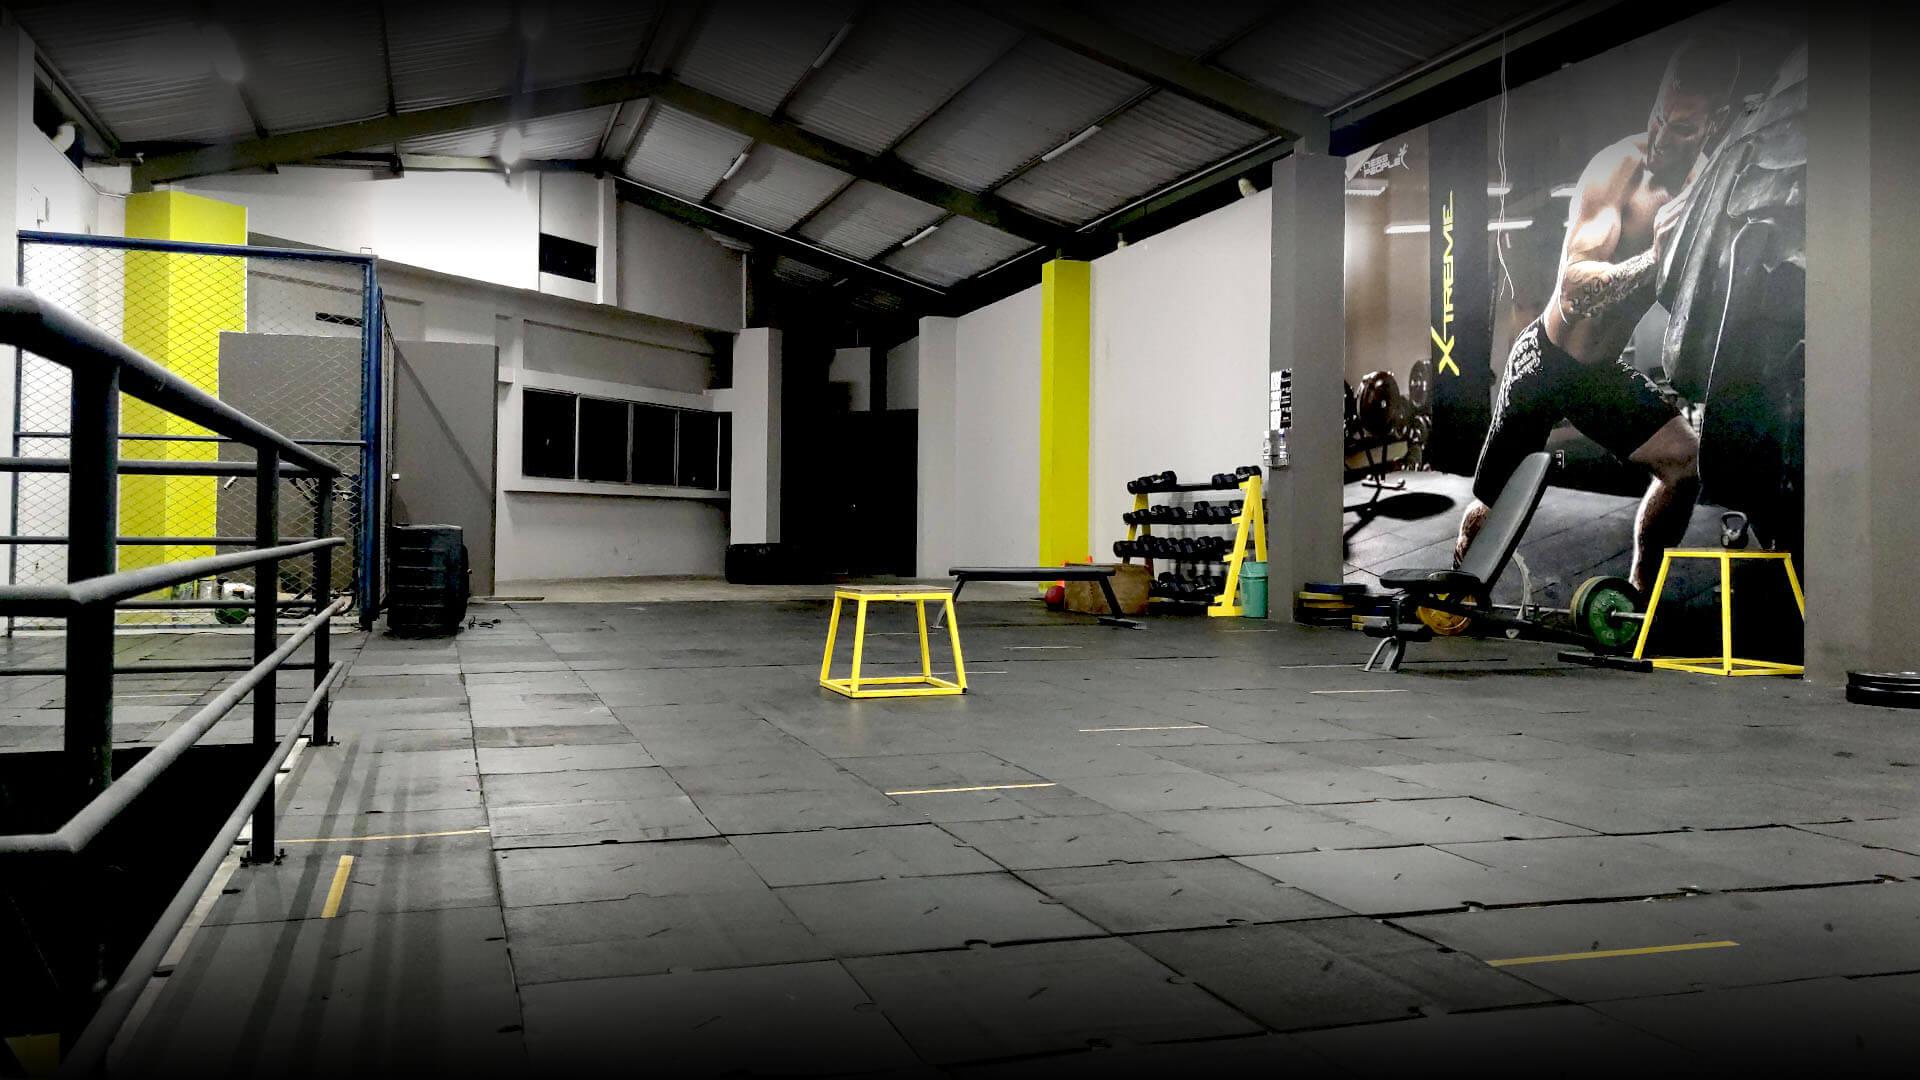 bulevar-sede-fitness-people-01